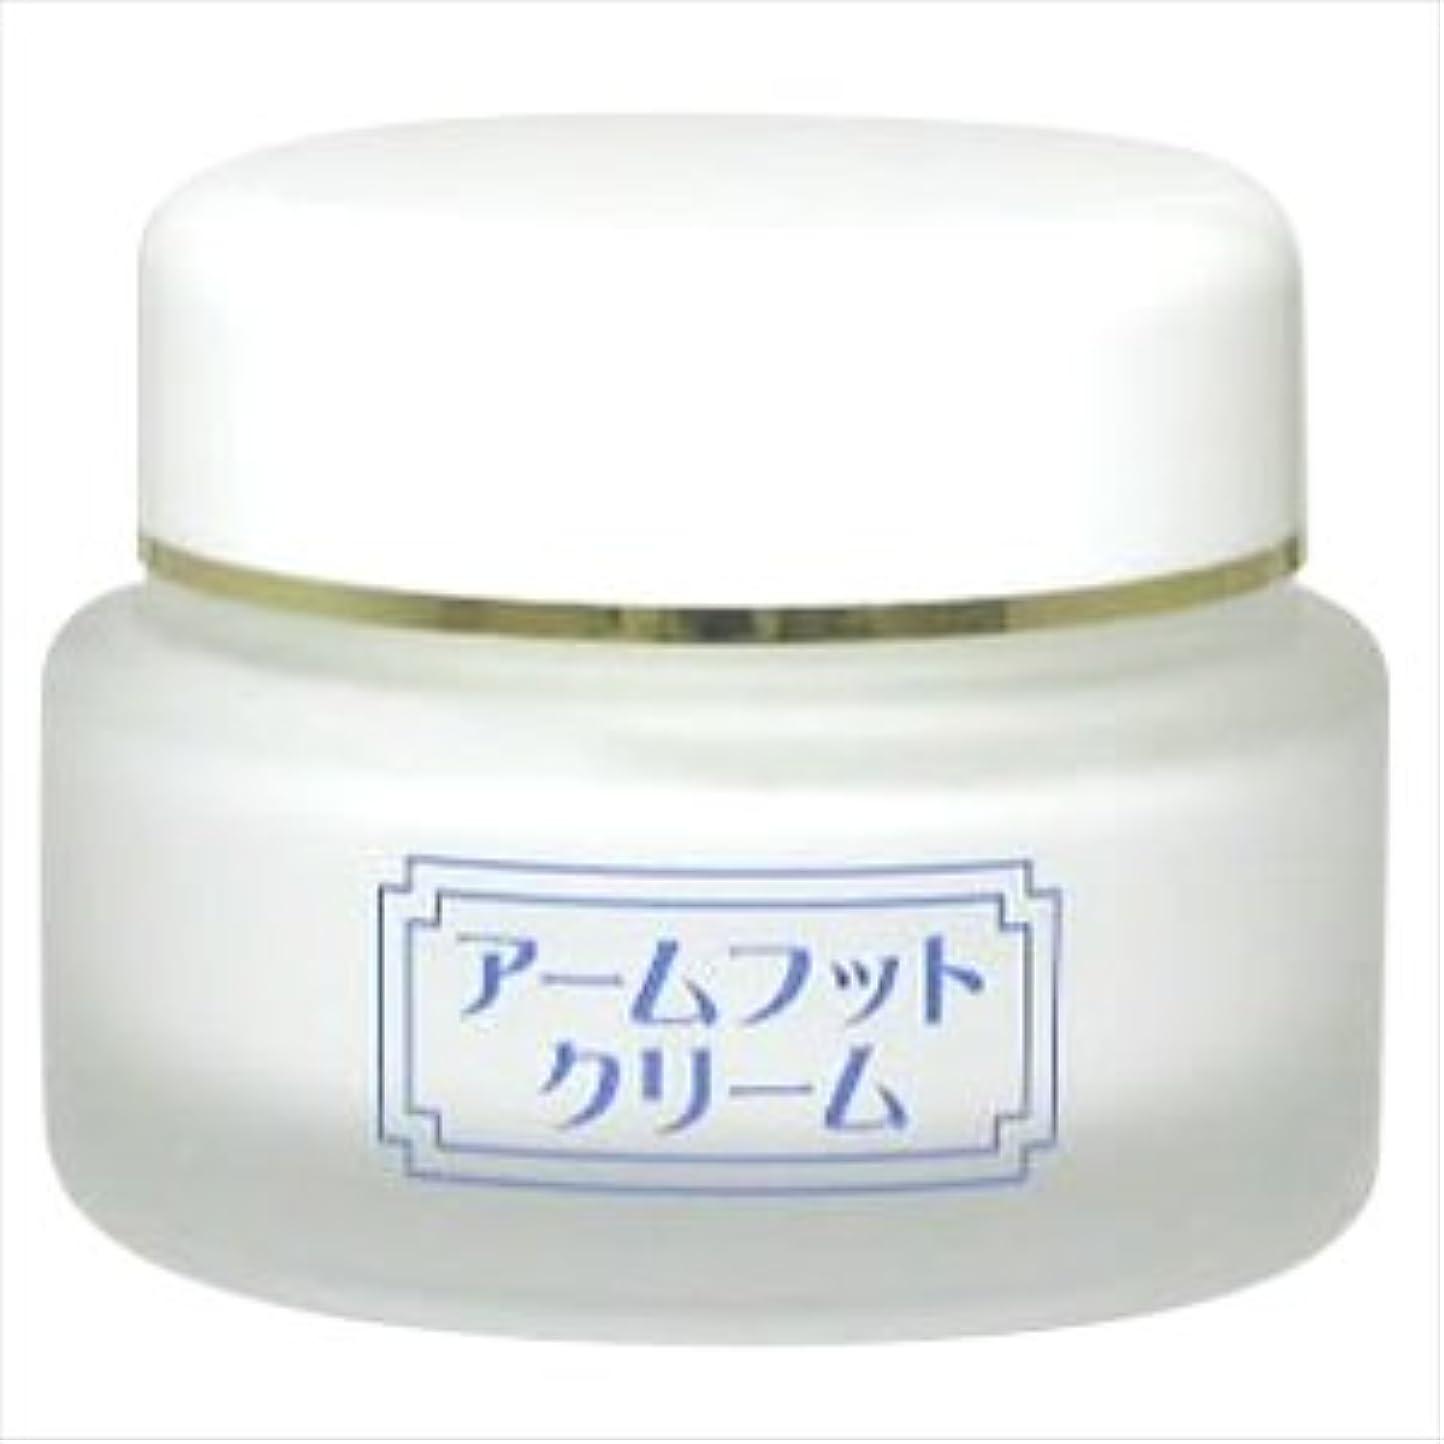 情緒的カート予言する薬用デオドラントクリーム アームフットクリーム(20g) (1個)